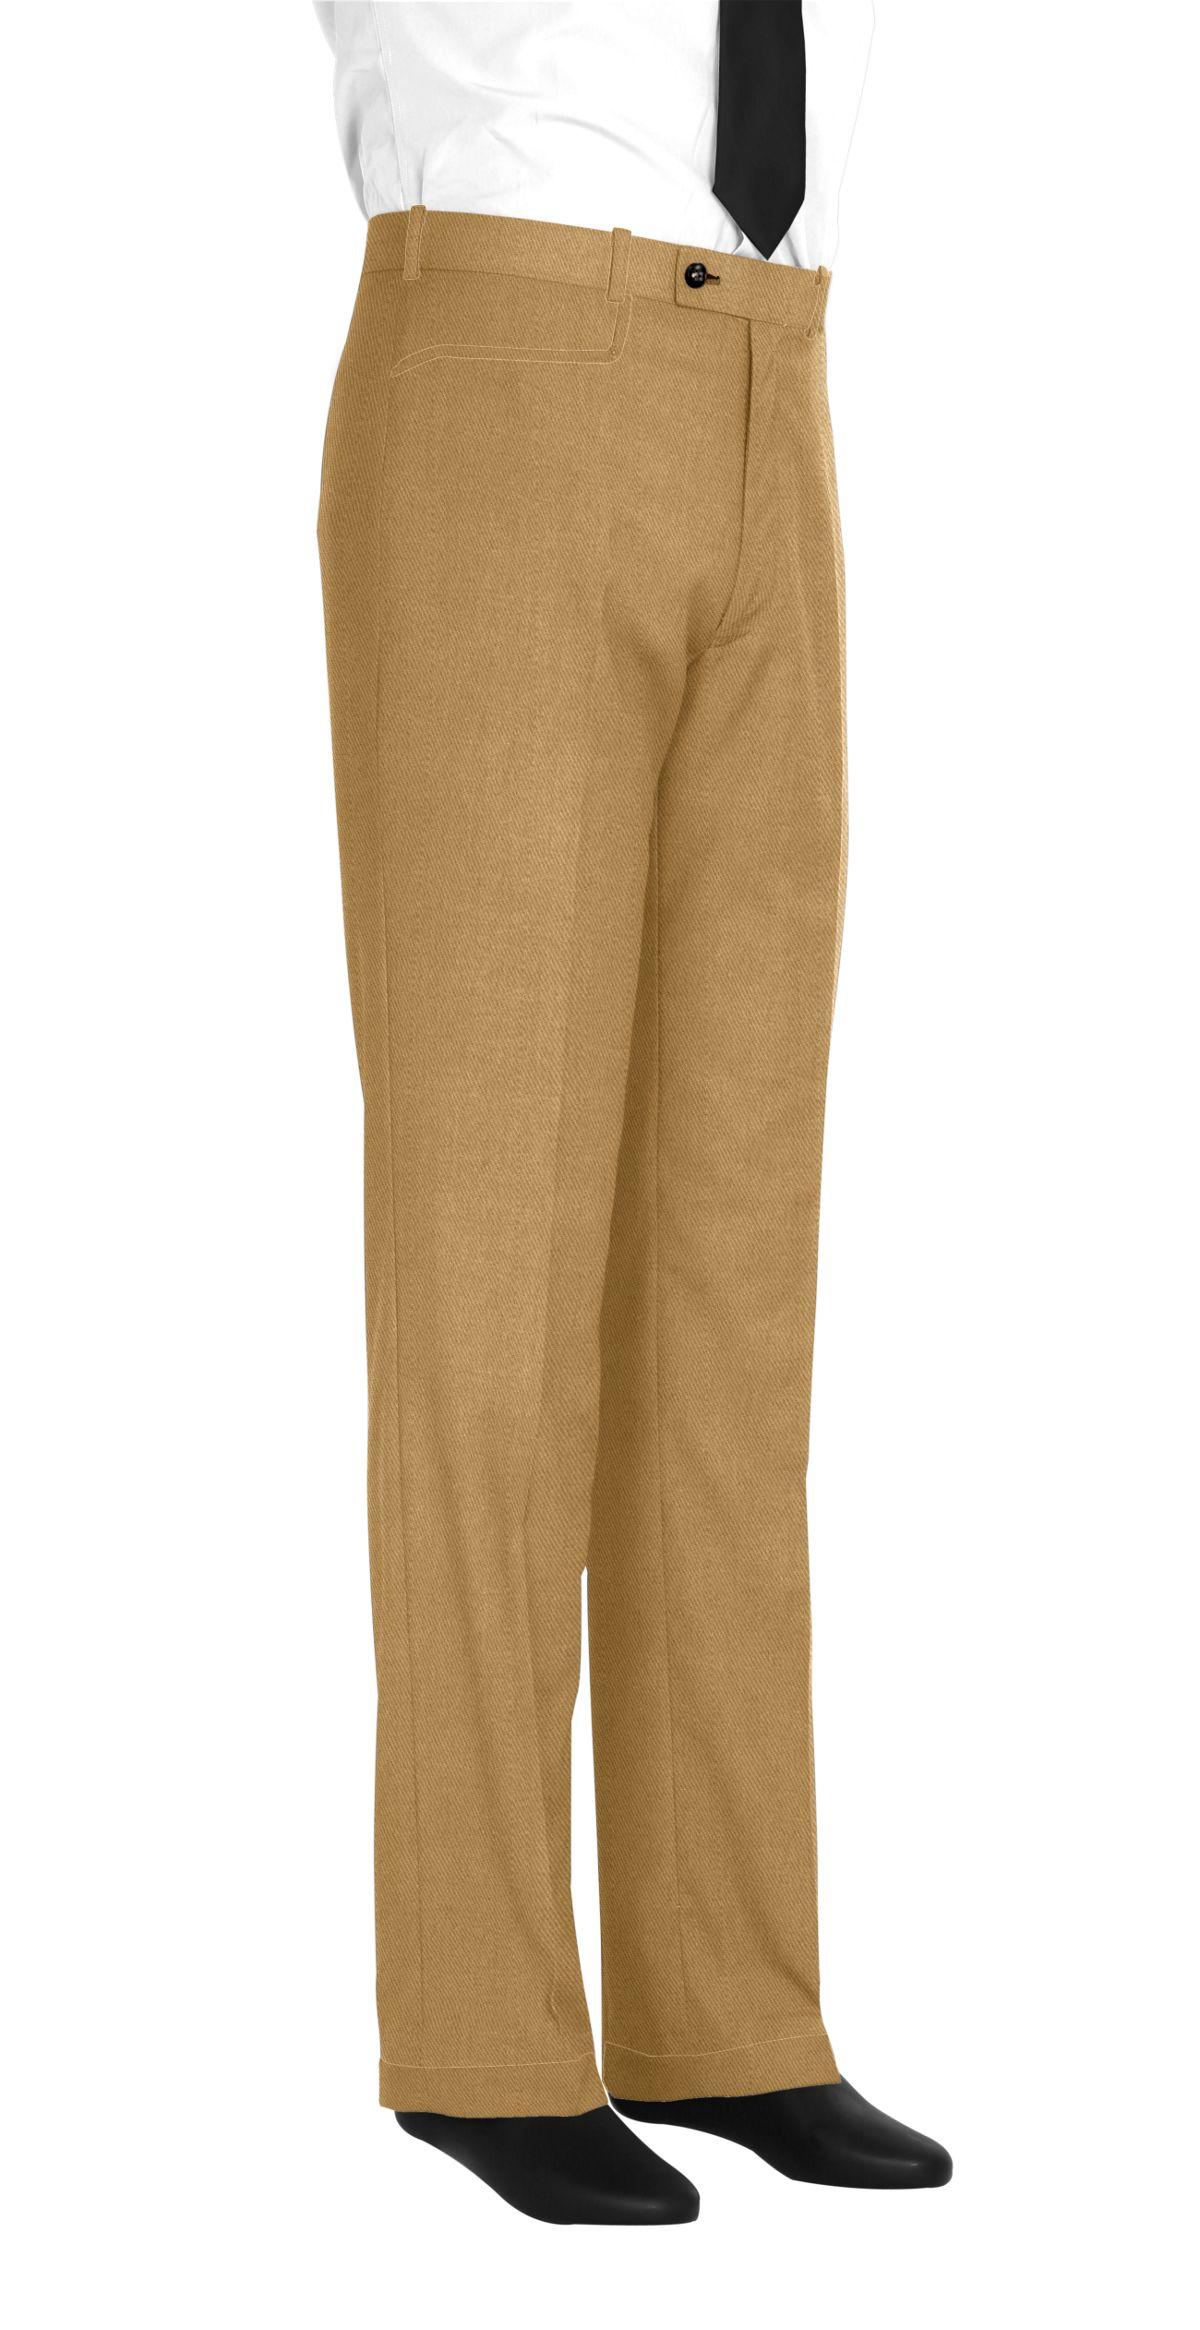 Pantalon homme sur mesure et personnalisé beige uni  bas avec revers